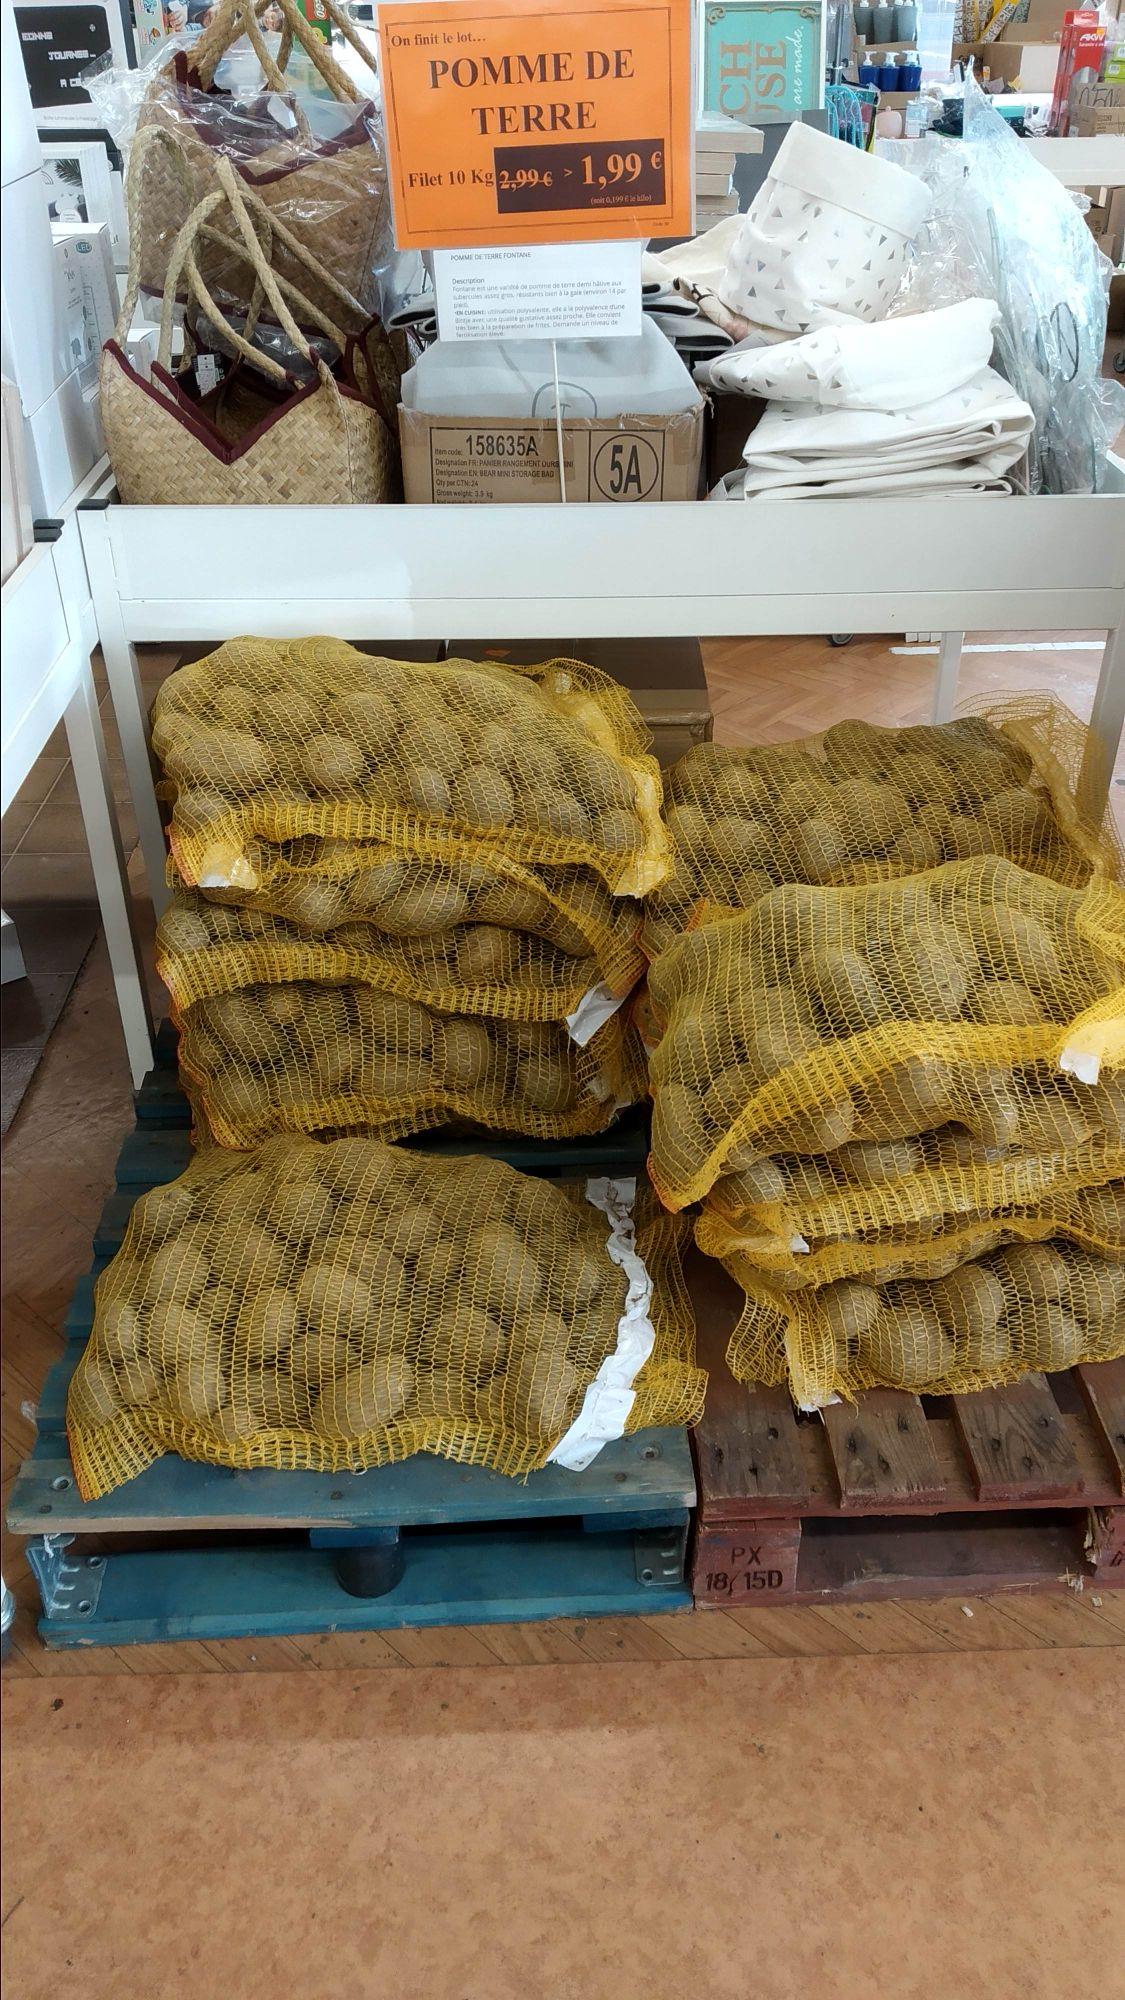 Sac de Pommes de terre variété Fontane - 10Kg (Mille Stocks - Luçon et La Roche sur Yon 85)